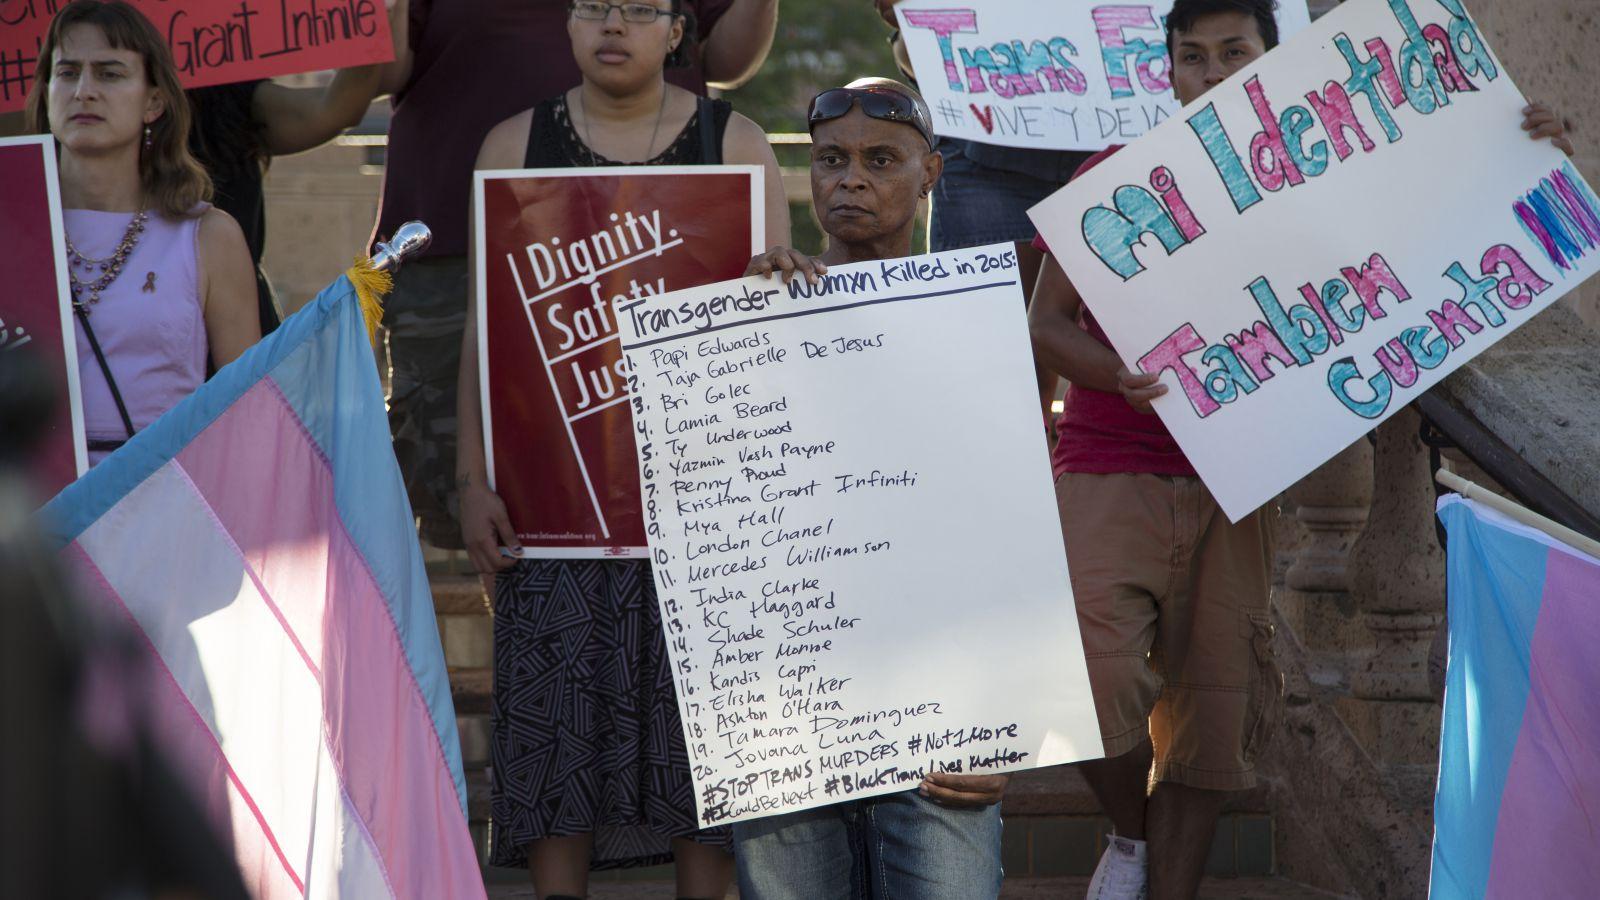 Recrudescence en Colombie de meurtres LGBTphobes, « classés pour plus de la moitié »